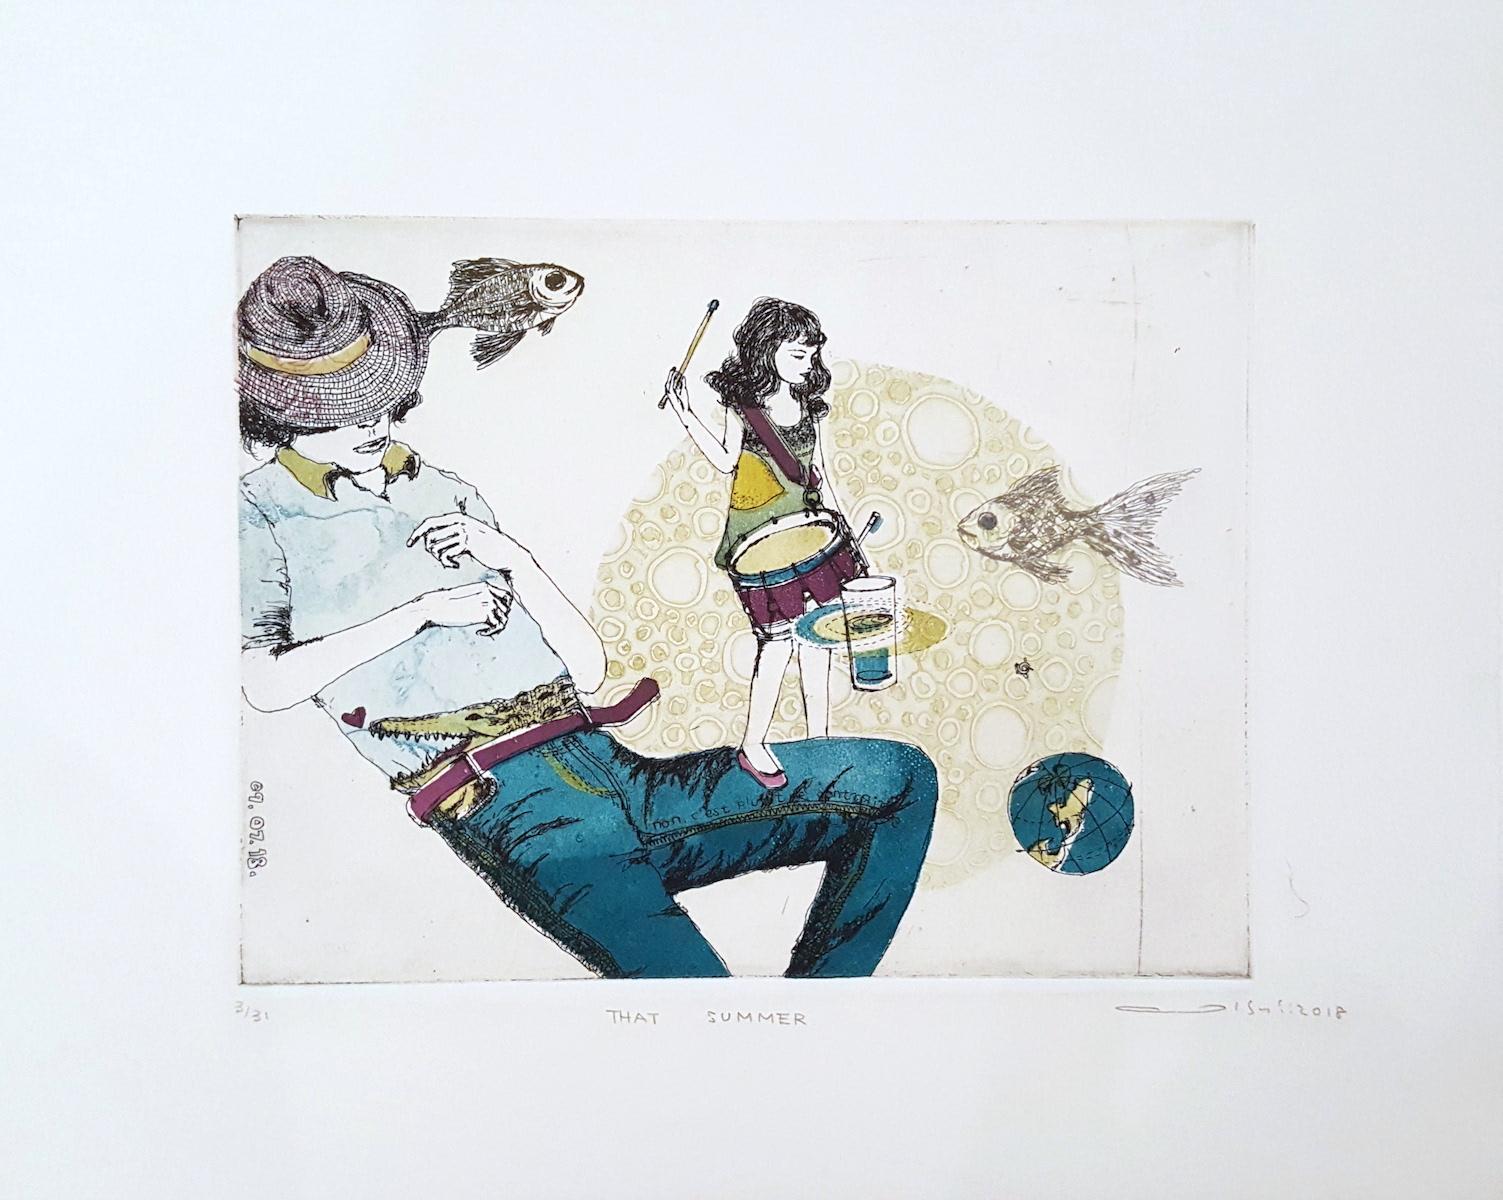 Atsuko Ishii